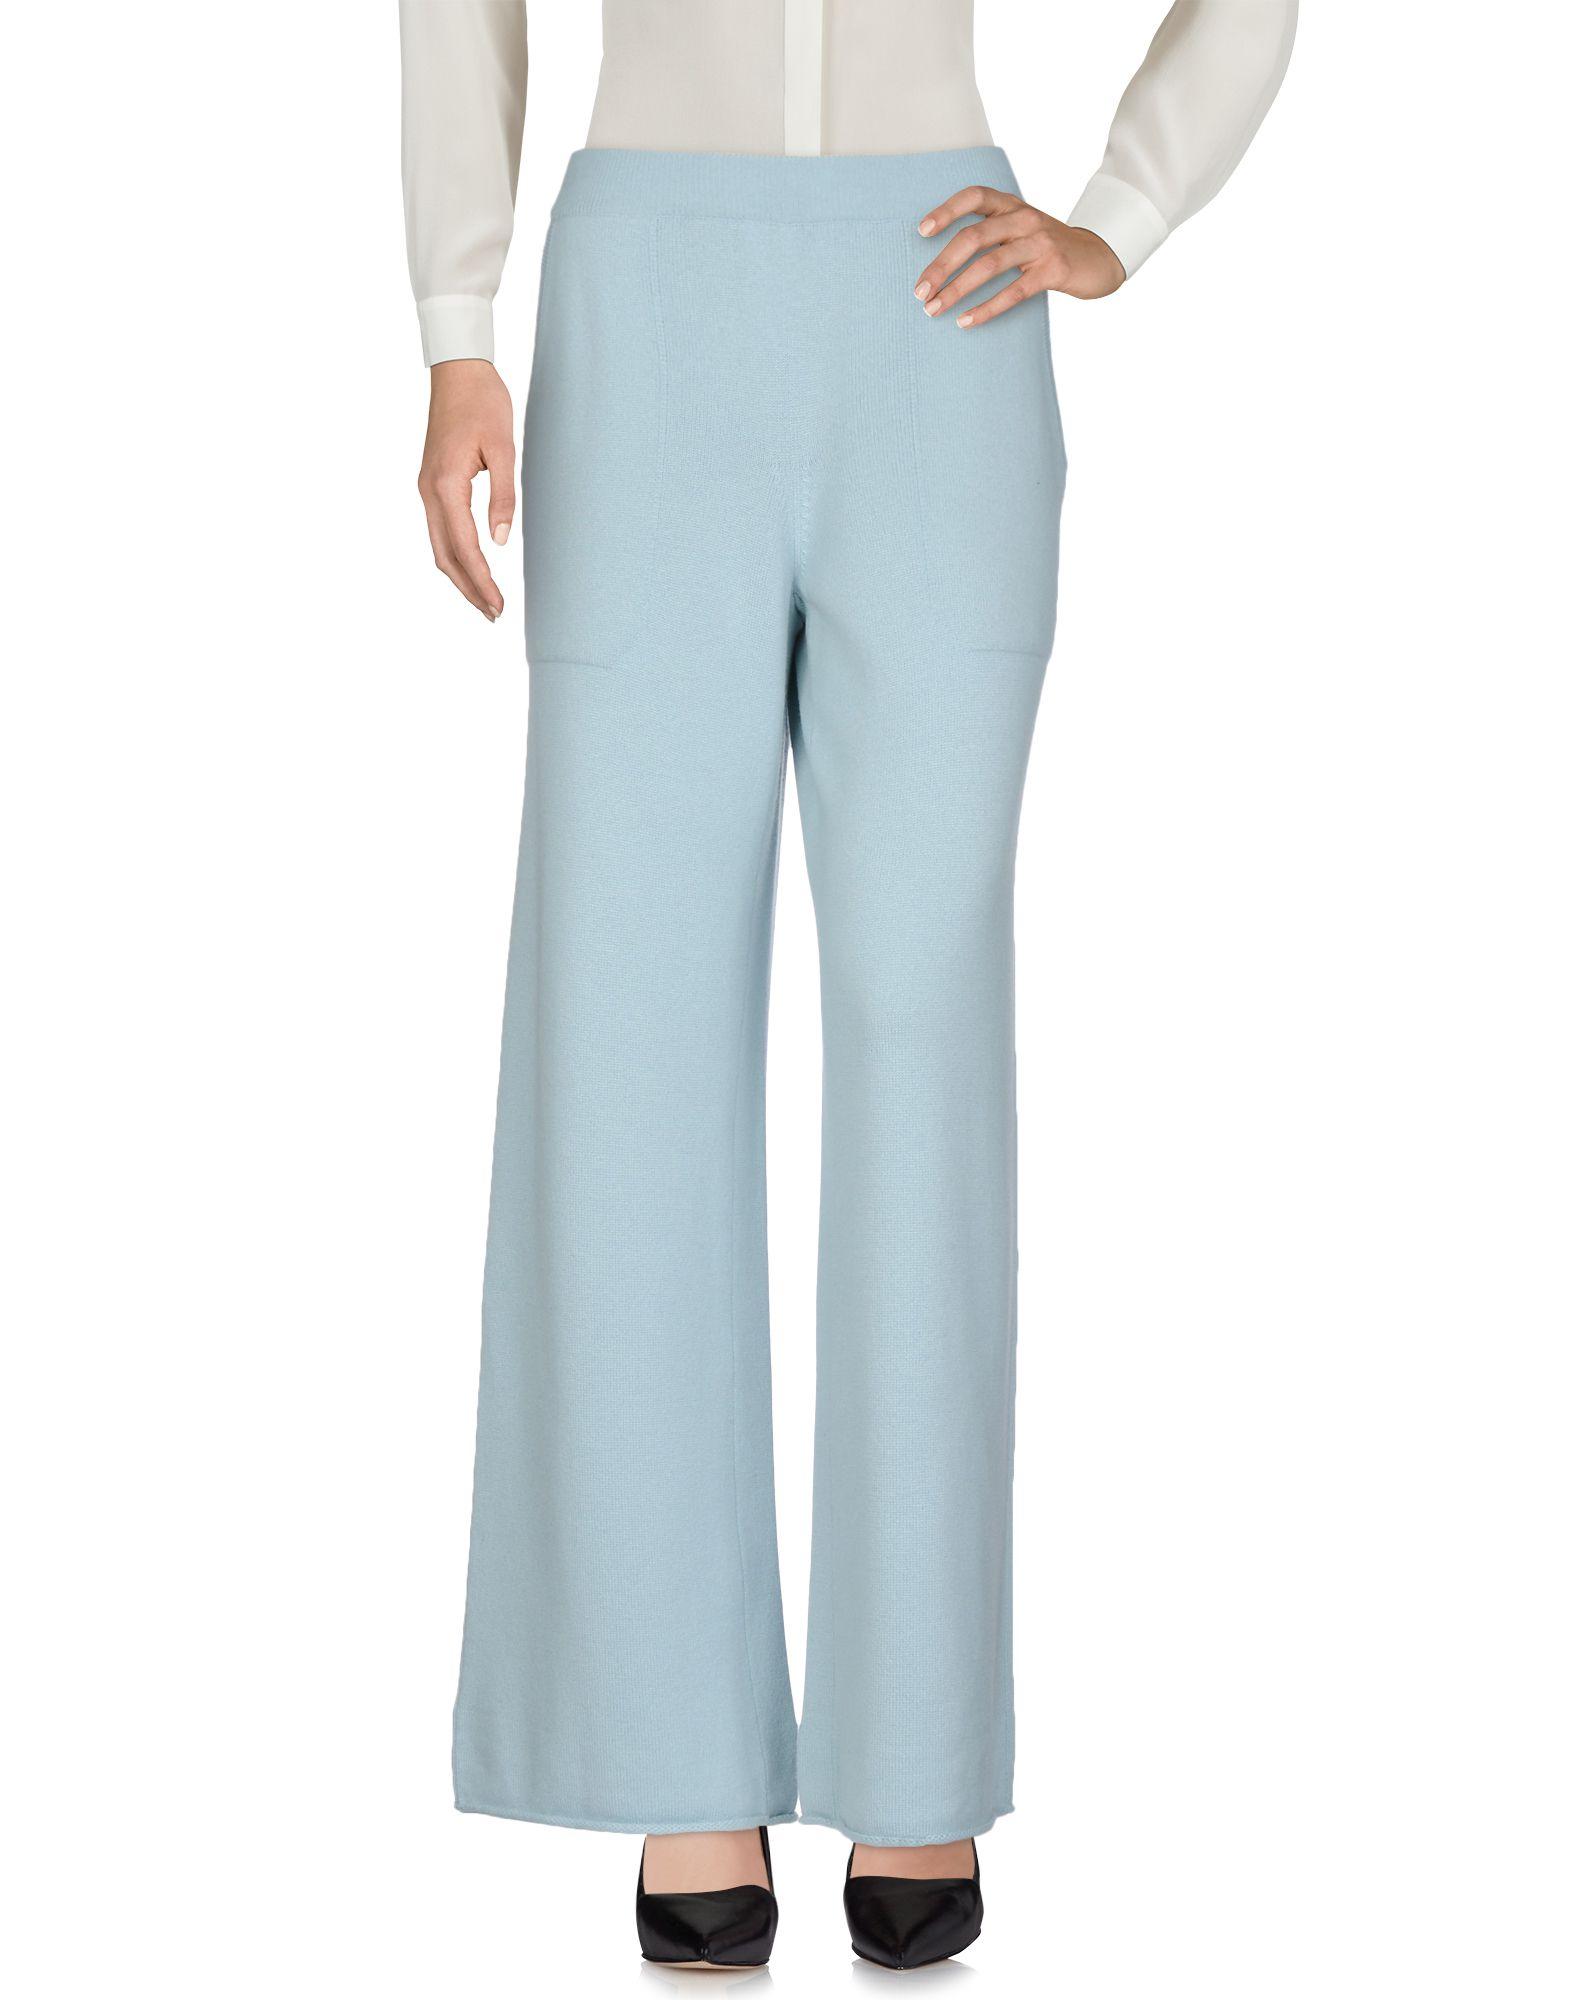 Pantalone Mrz Donna - Acquista online su REqdLXix3q